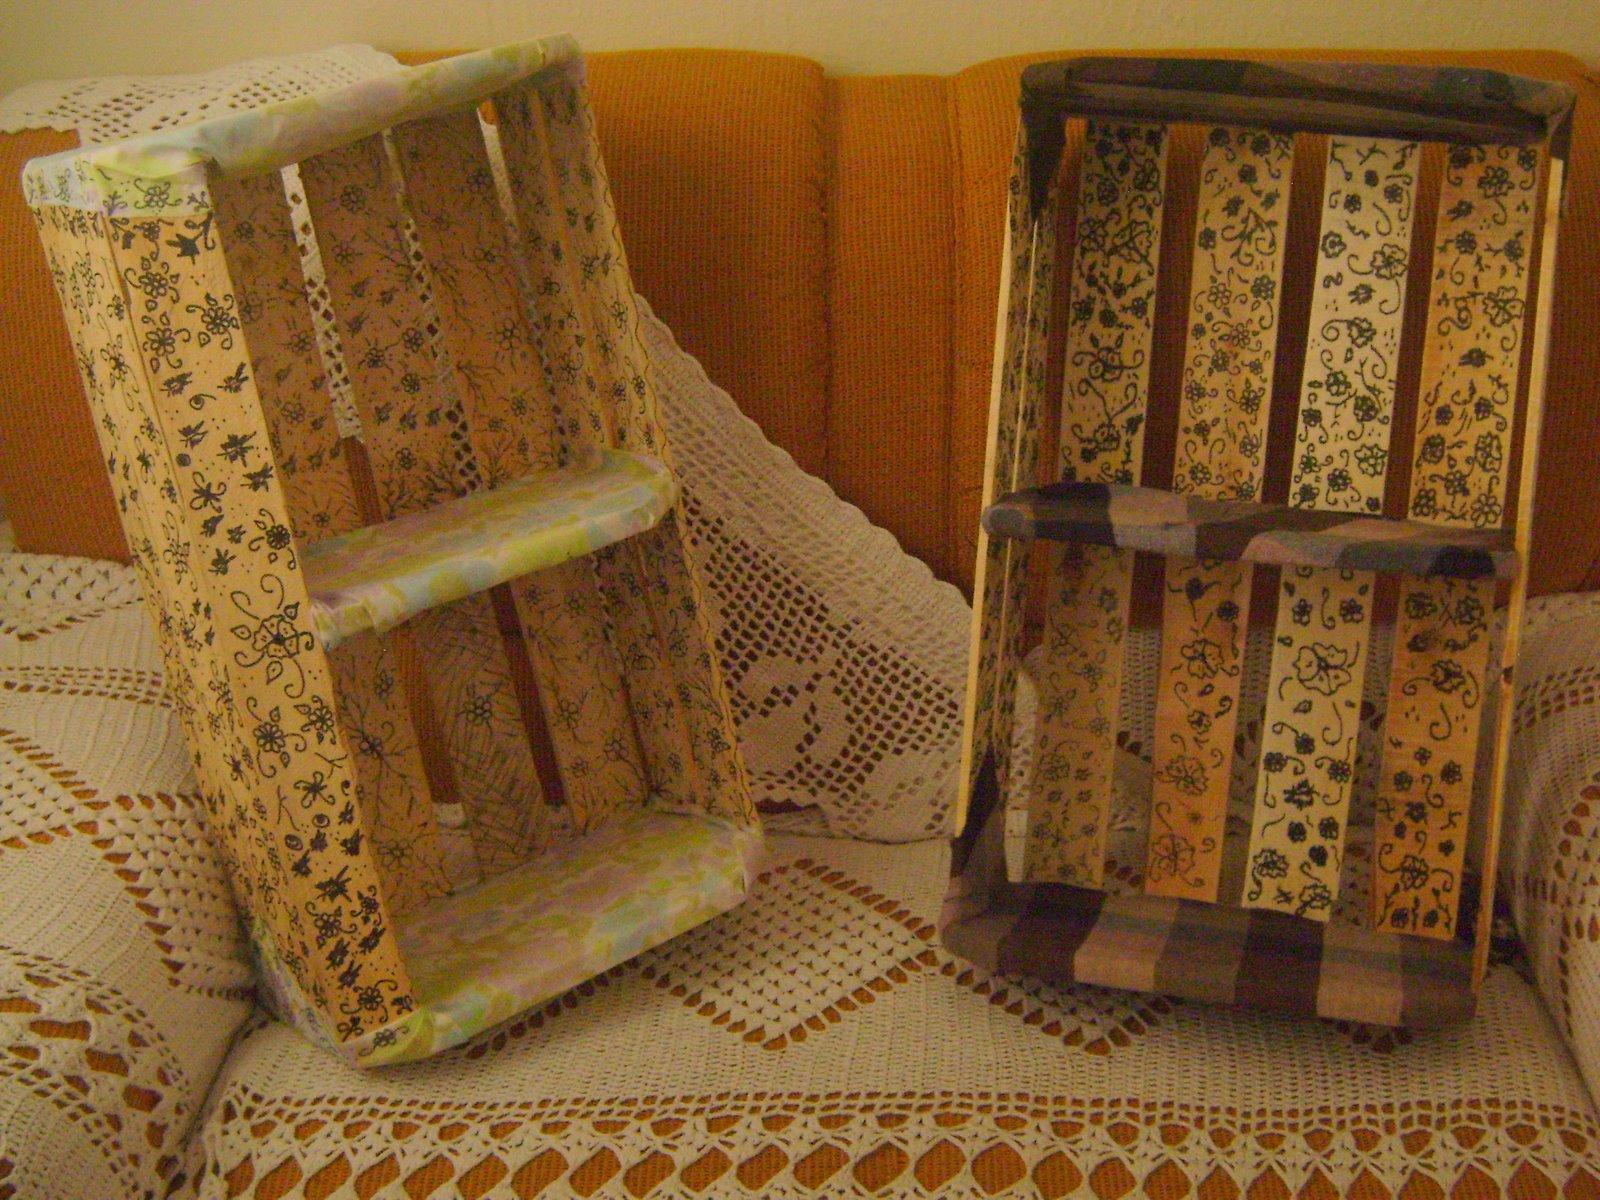 ENTRE AMIGAS E AMIGOS ..: Caixas de Madeira para Decorar sua Casa  #714318 1600x1200